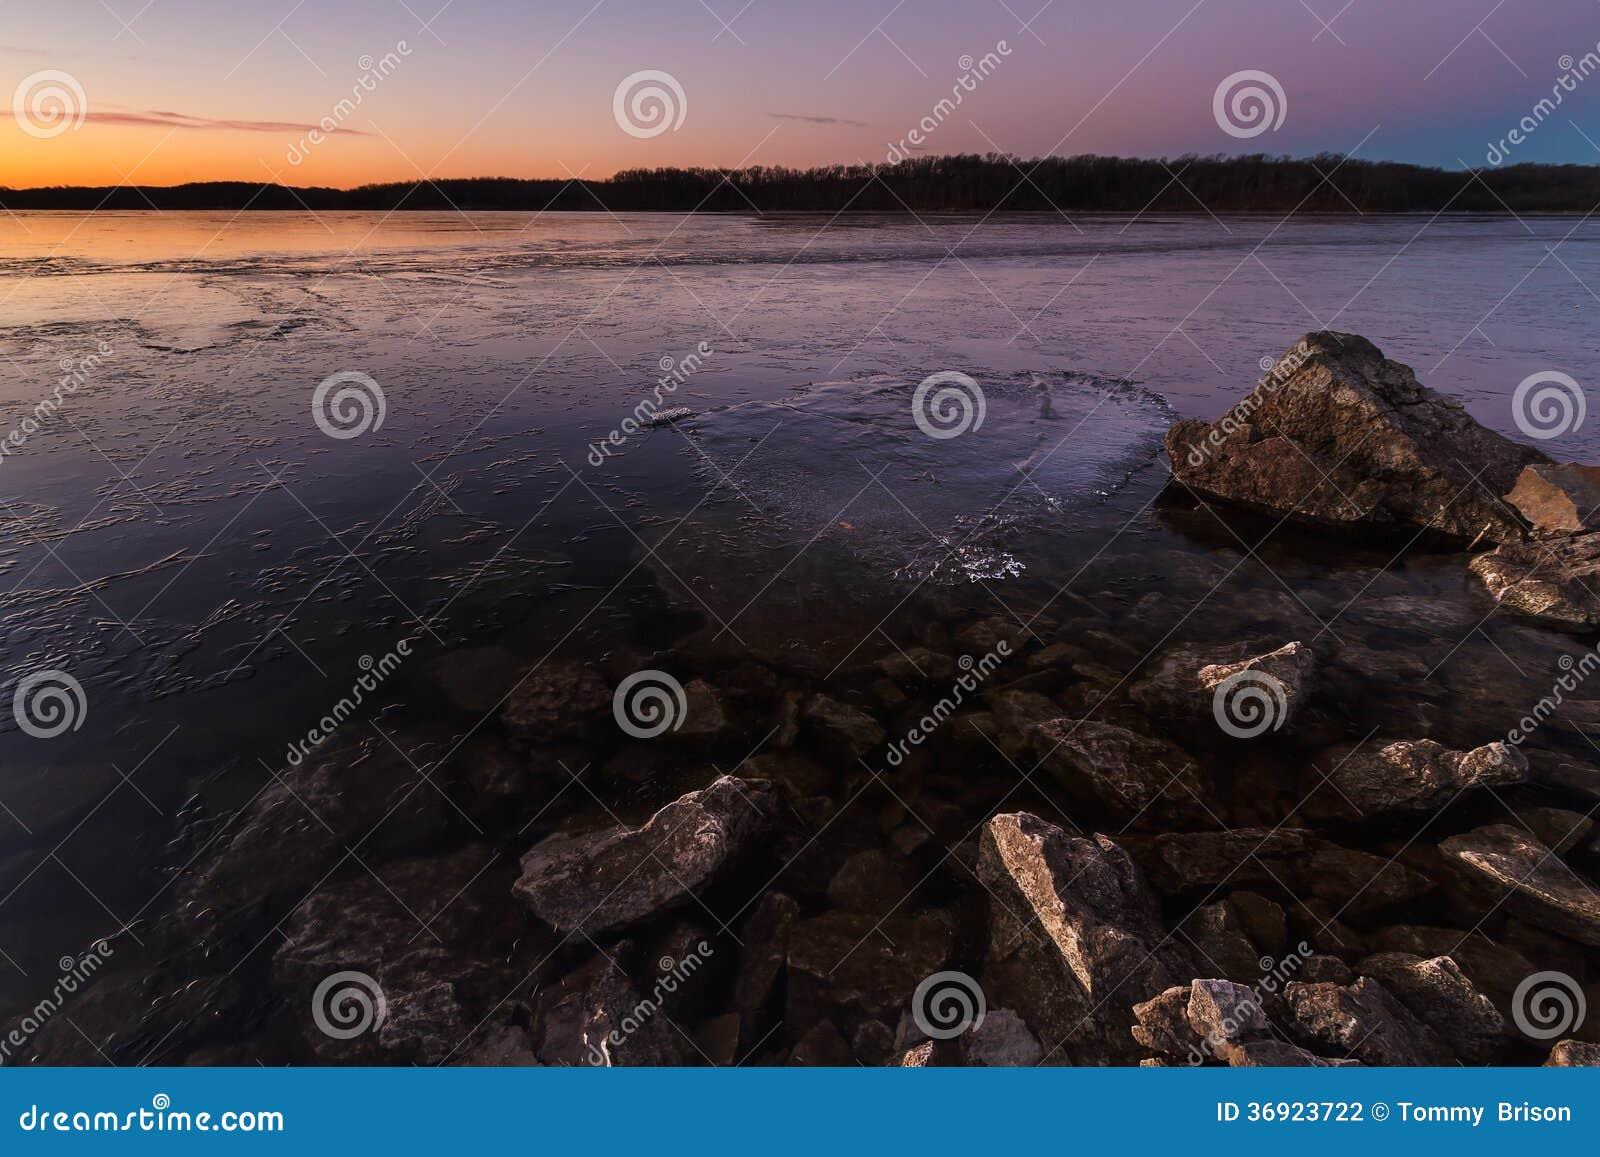 Błękitne wiosny Jeziorne przy wschodem słońca na Jan 20th, 2014